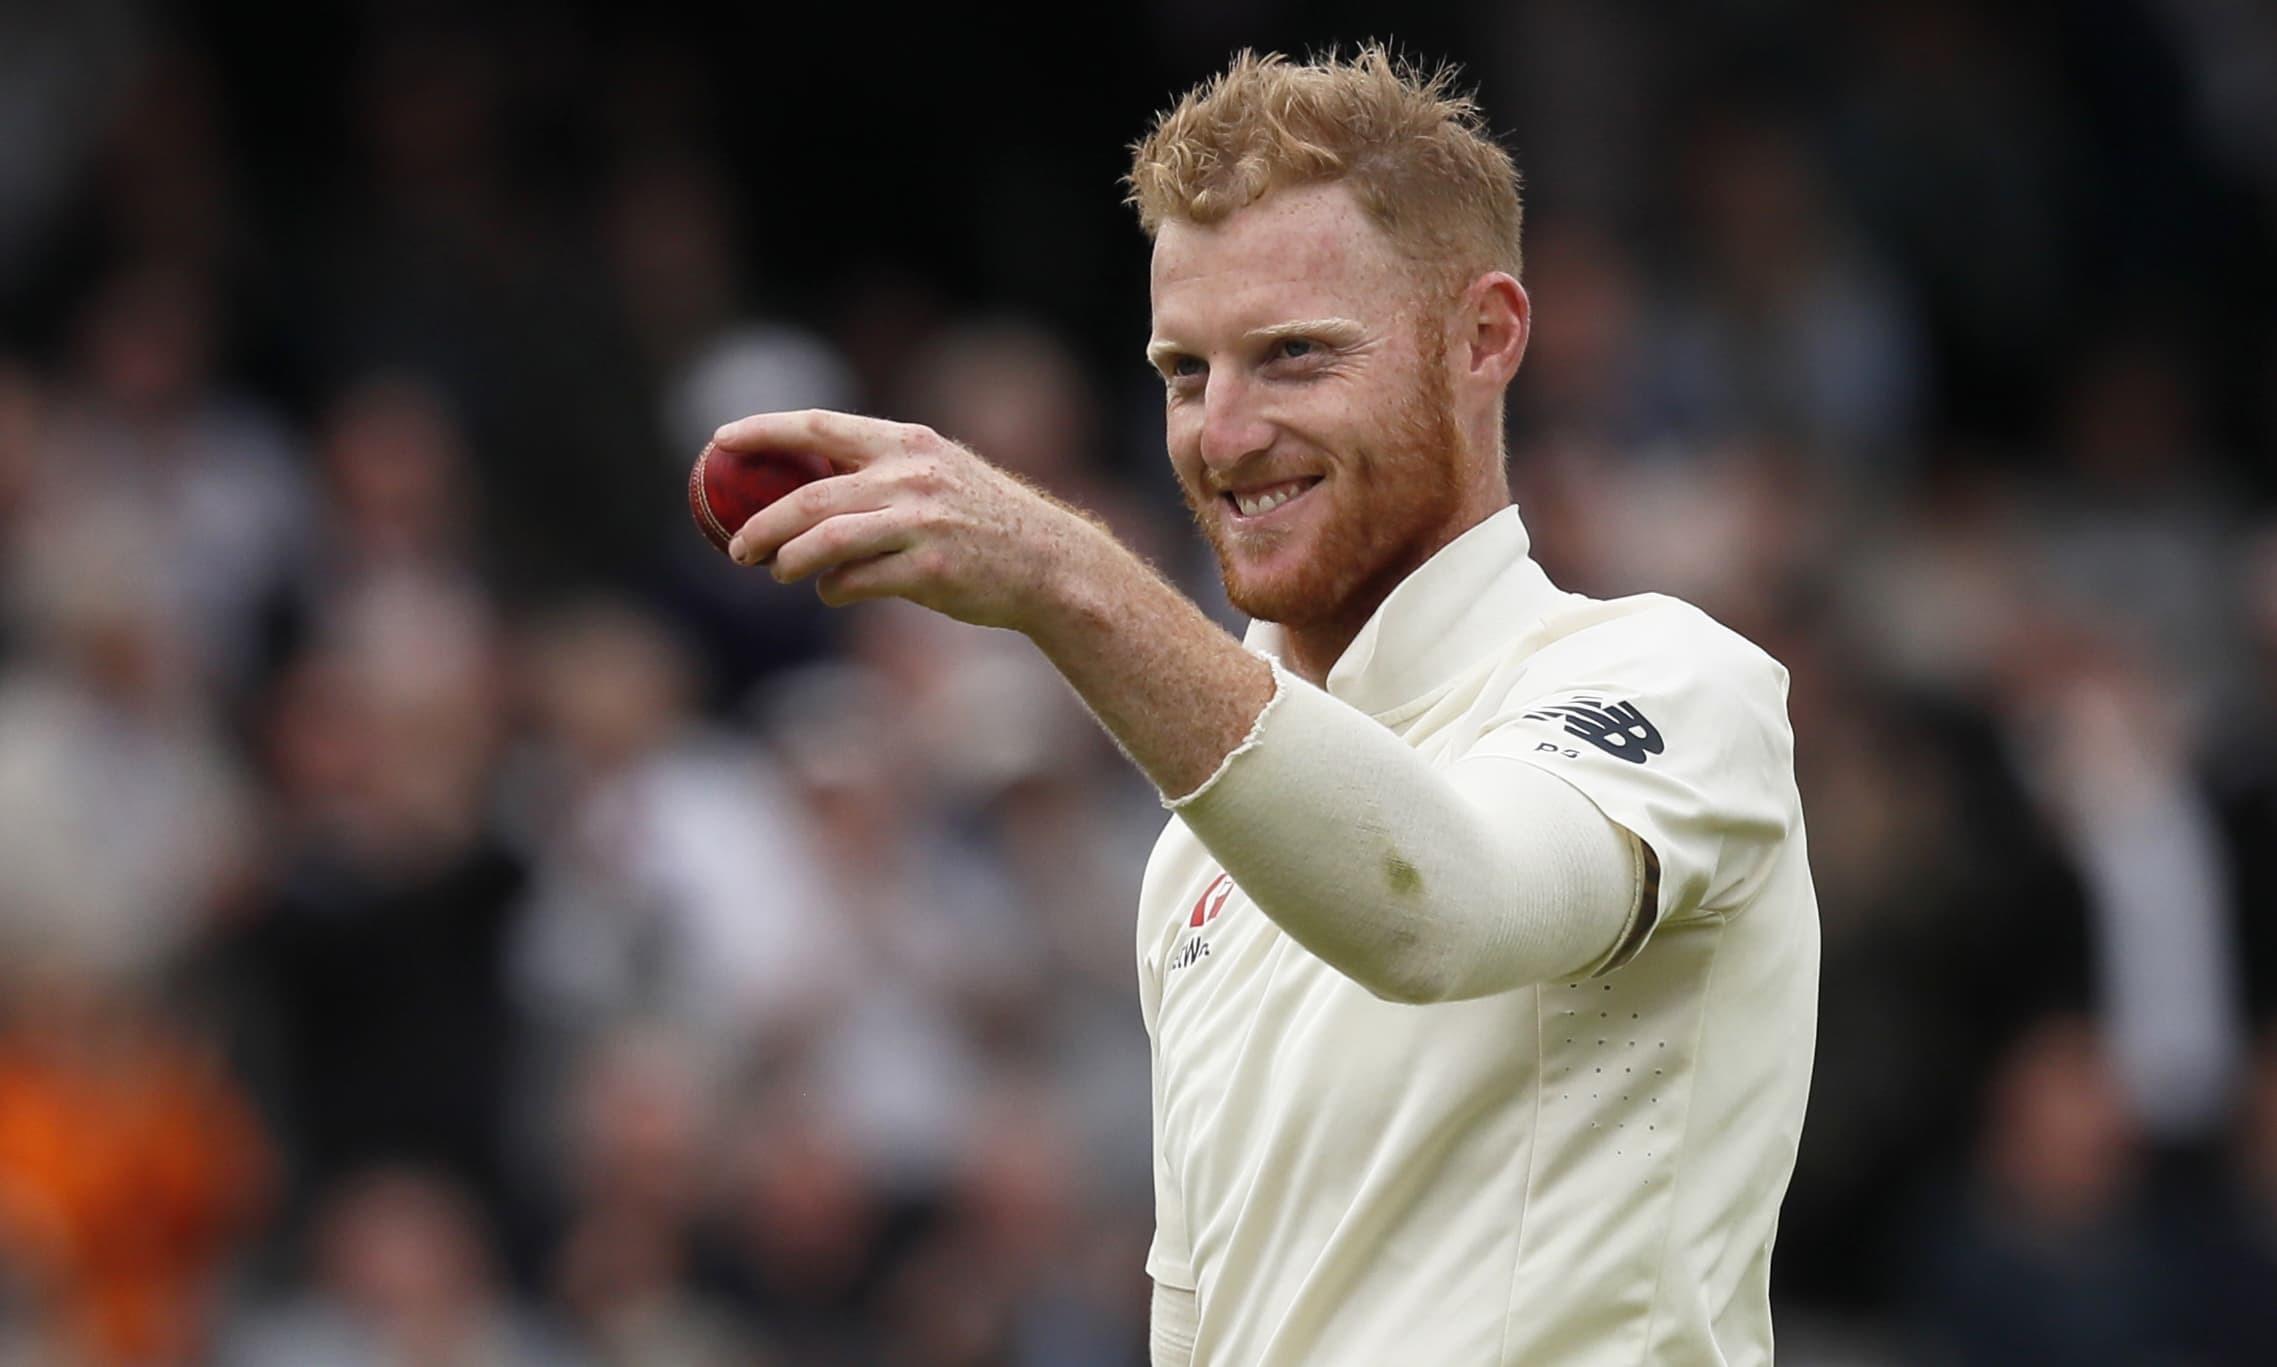 30 سالہ بین اسٹوکس نے جولائی سے کرکٹ نہیں کھیلی ہے — فائل فوٹو: اے پی